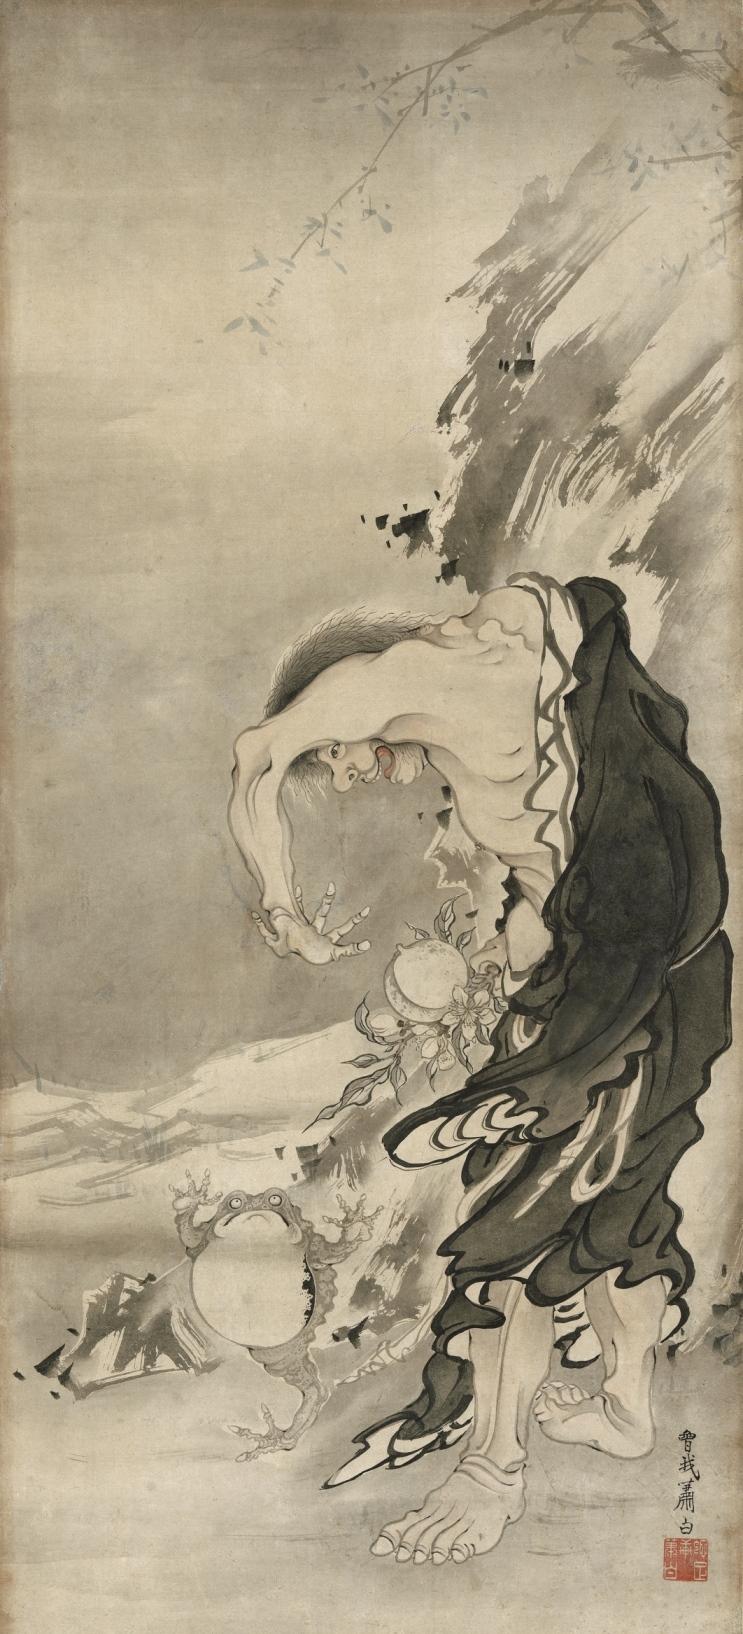 曾我蕭白《蝦蟇仙人図》ボストン美術館 William Sturgis Bigelow Collection Photograph (C) Museum of Fine Arts, Boston